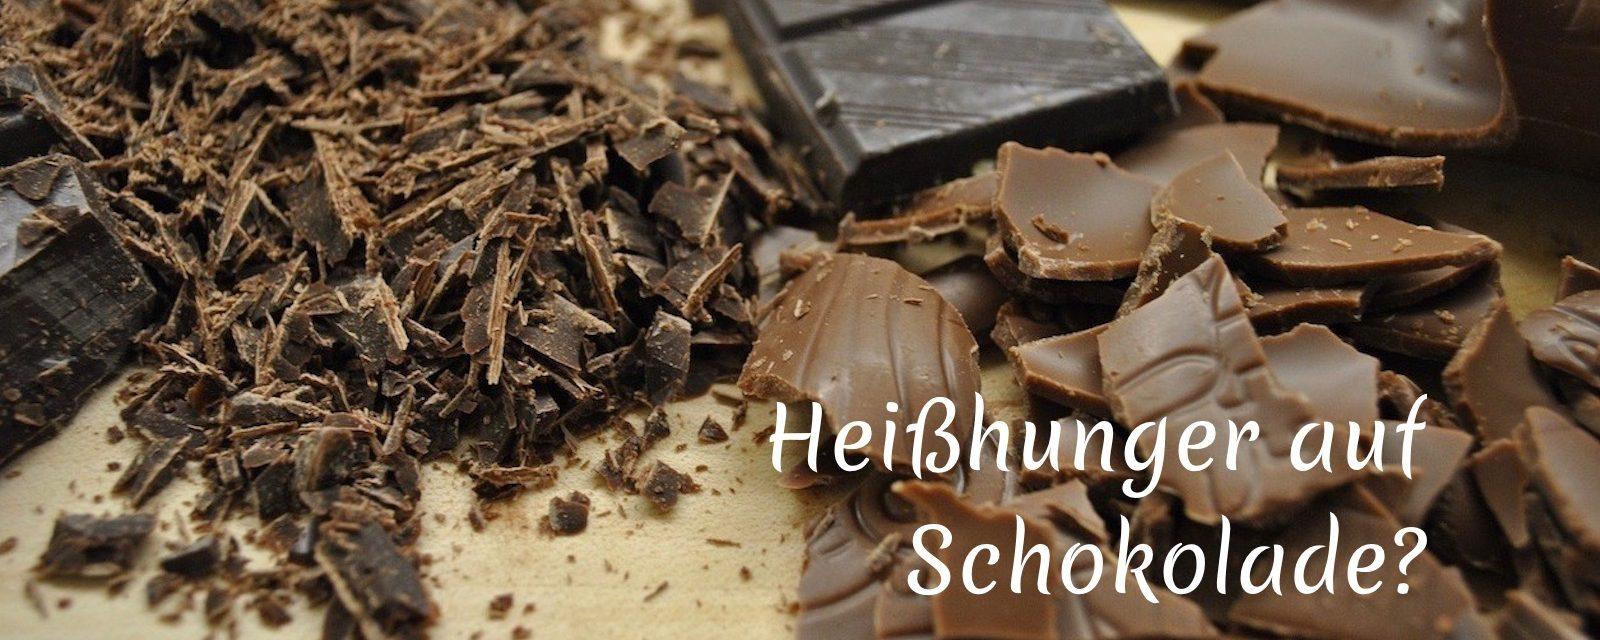 Heißhunger auf Schokolade?